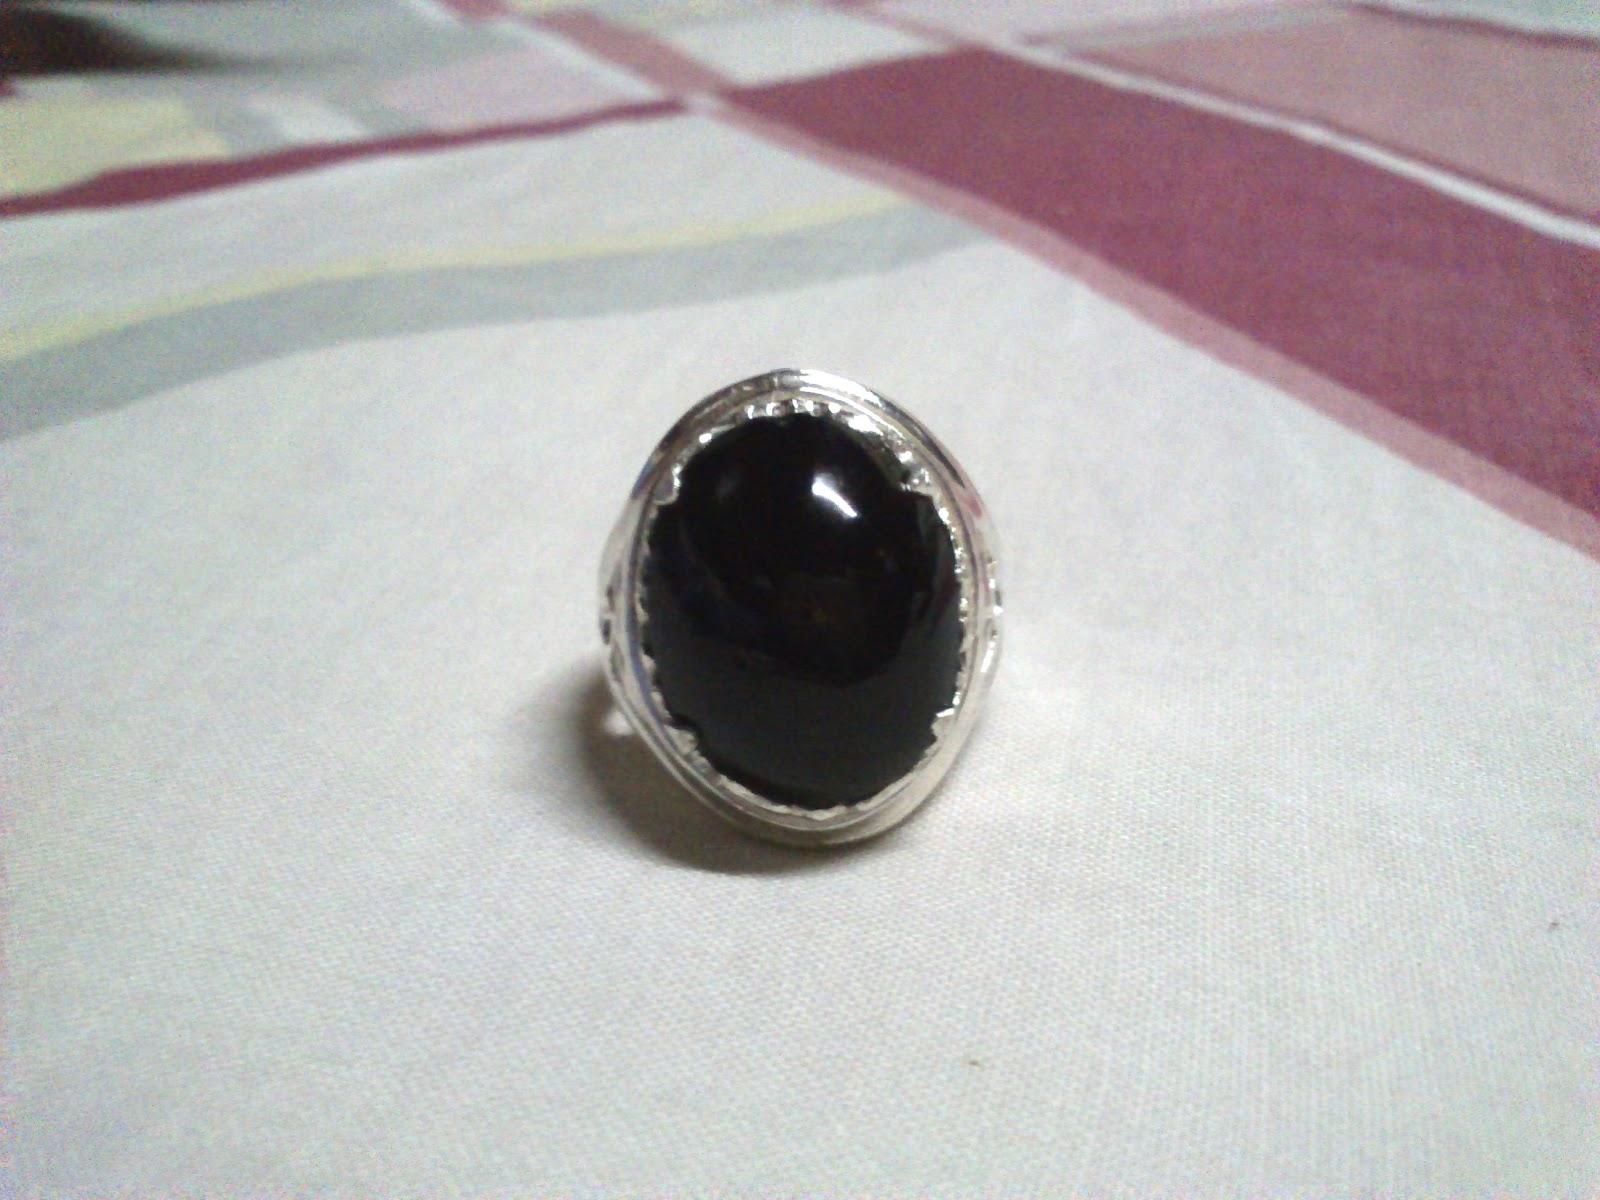 batu asli gred a warna hitam pekat isi batu merah penuh apabila ...